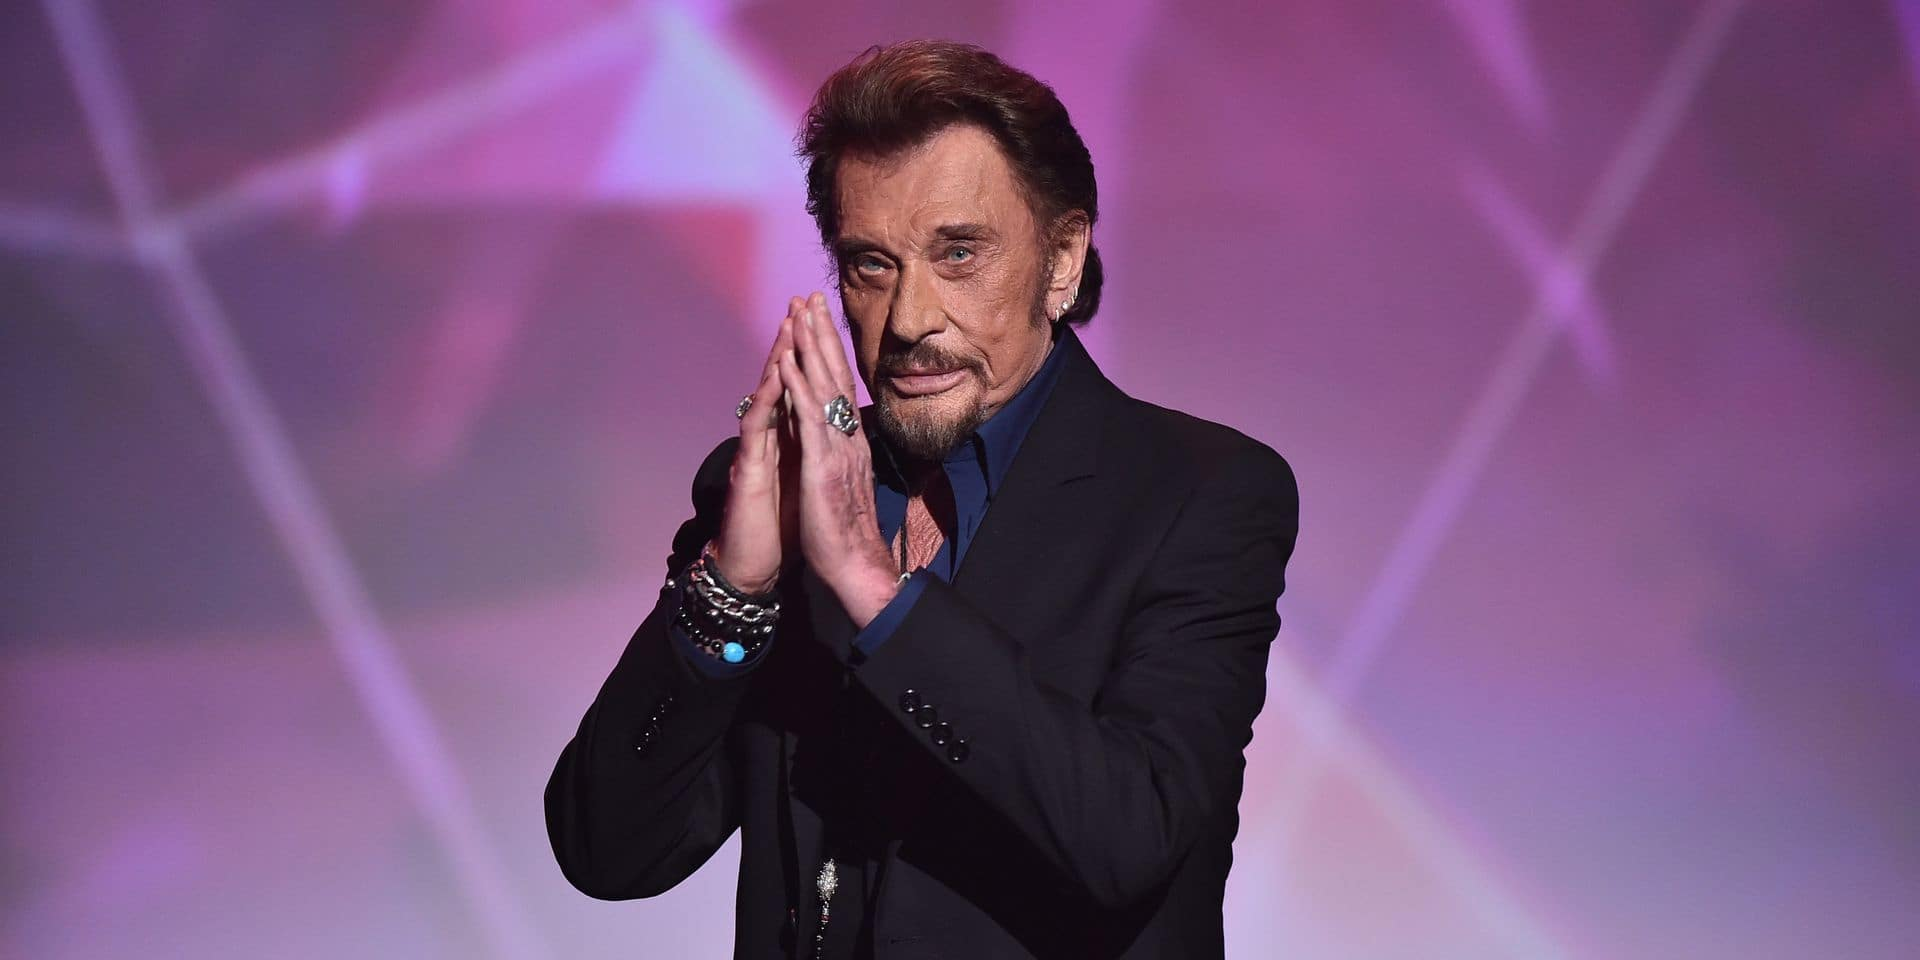 Johnny Hallyday : la vérité sur sa rencontre avec Elvis Presley dévoilée